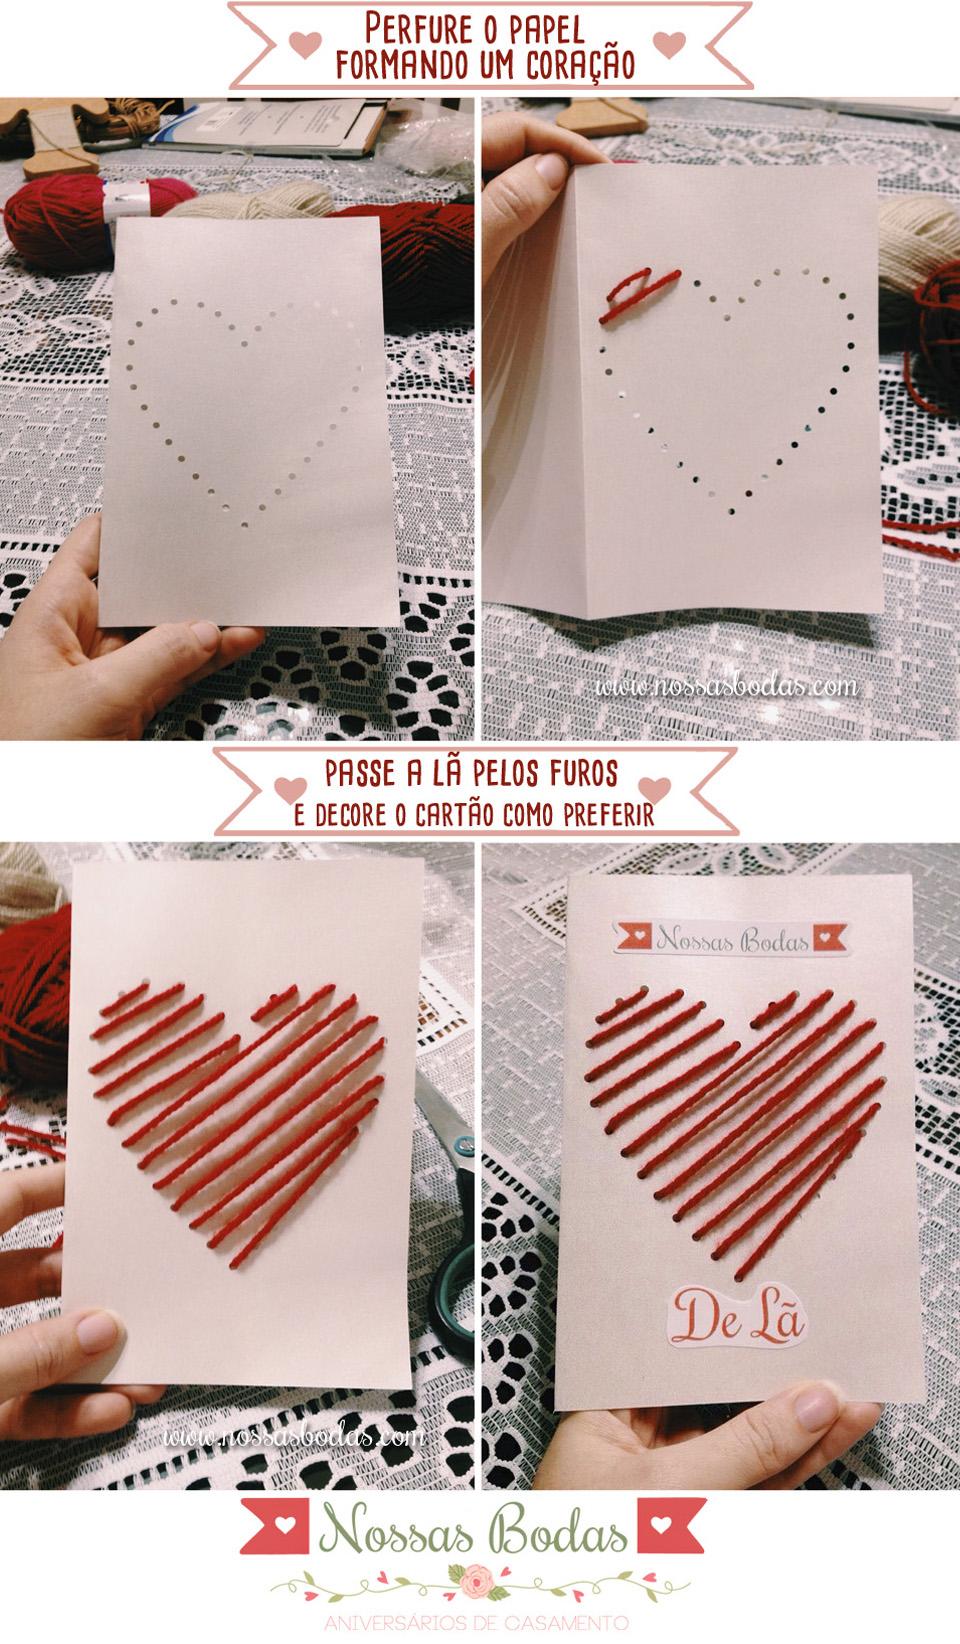 Cartão Para Bodas de Lã - Site Nossas Bodas - Aniversarios De Casamento